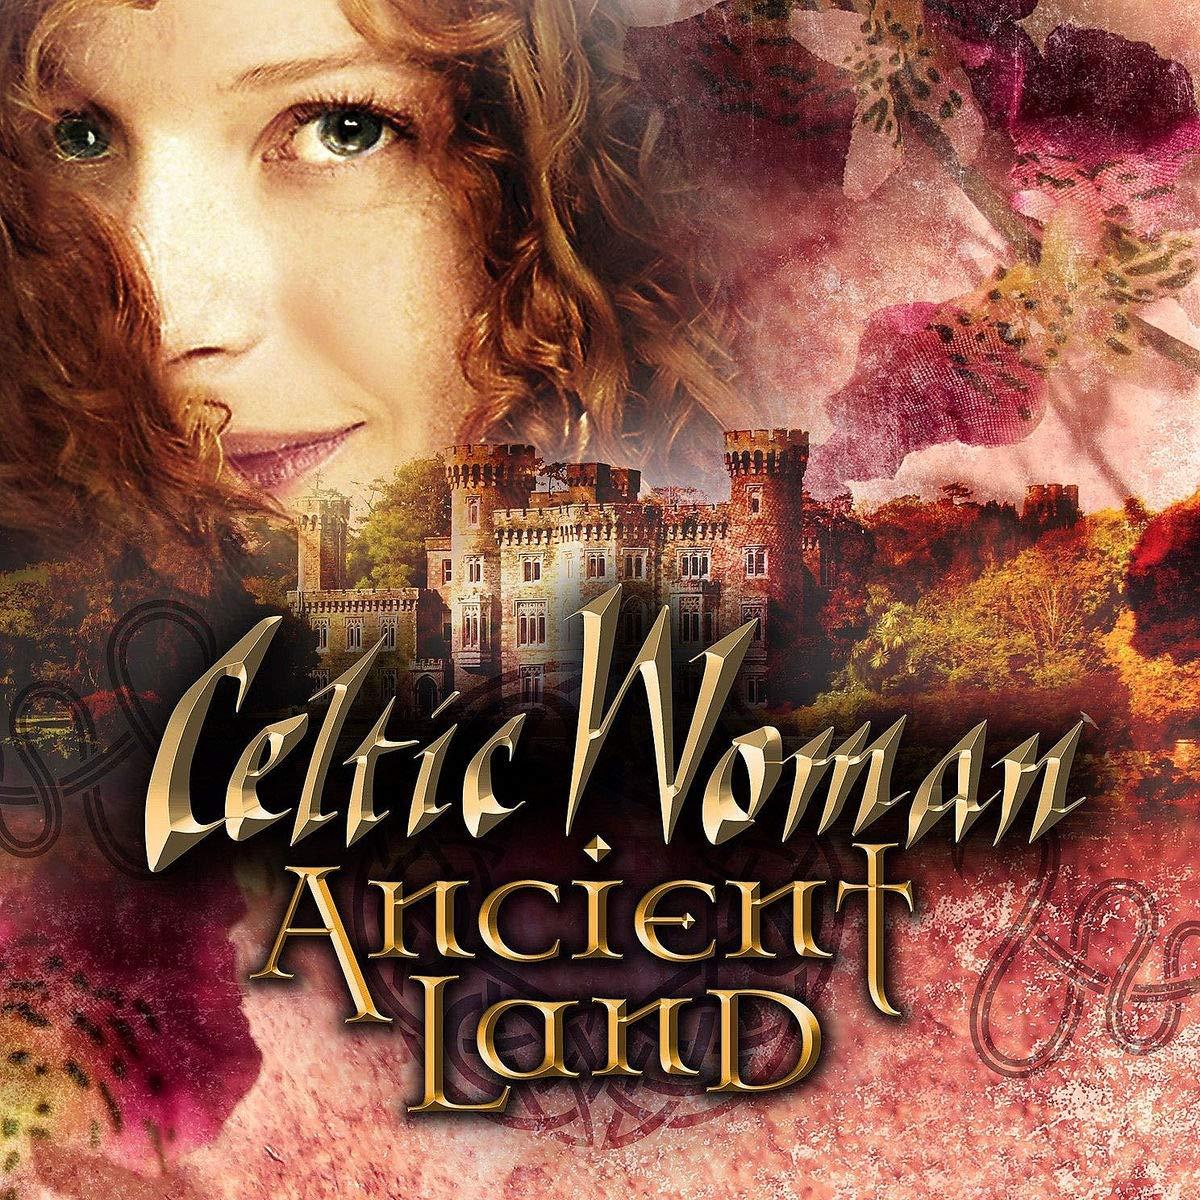 CD Shop - CELTIC WOMAN ANCIENT LAND